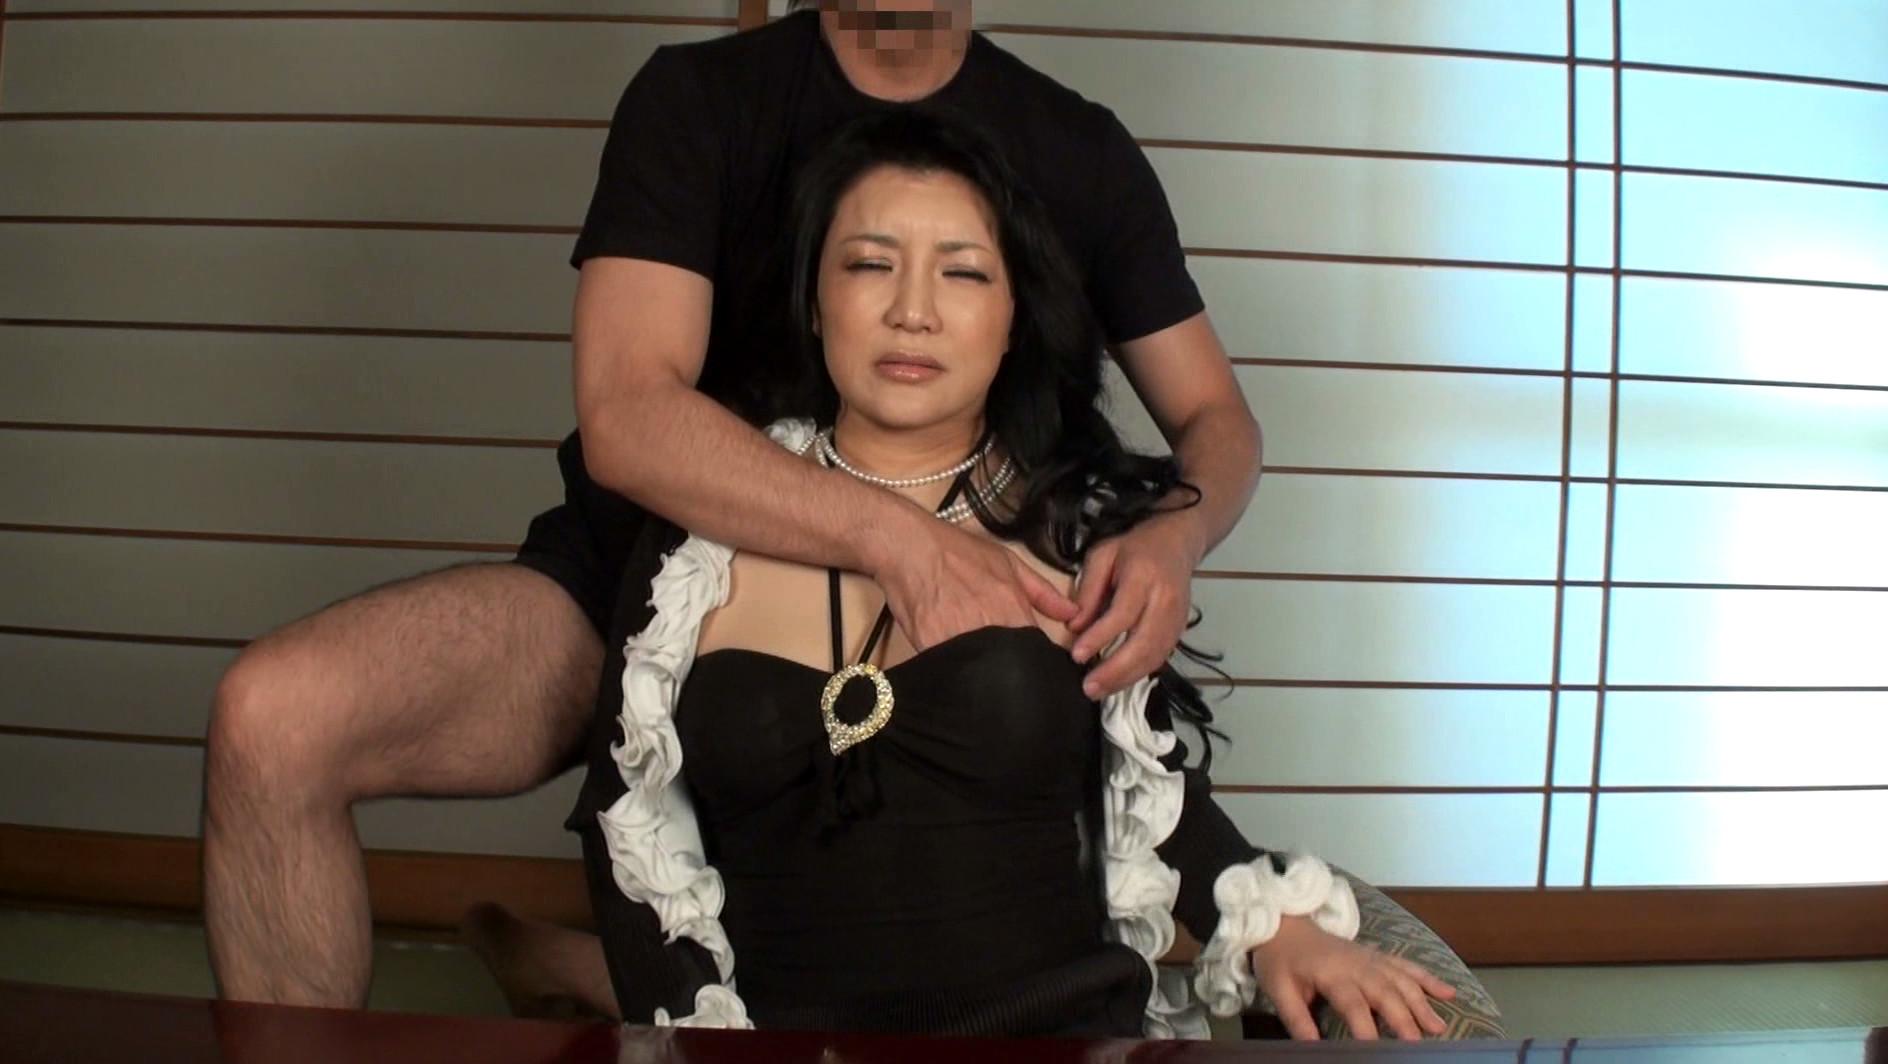 本物現役女社長 霧島ゆかり五十歳 首絞めでアクメに達する女 画像2